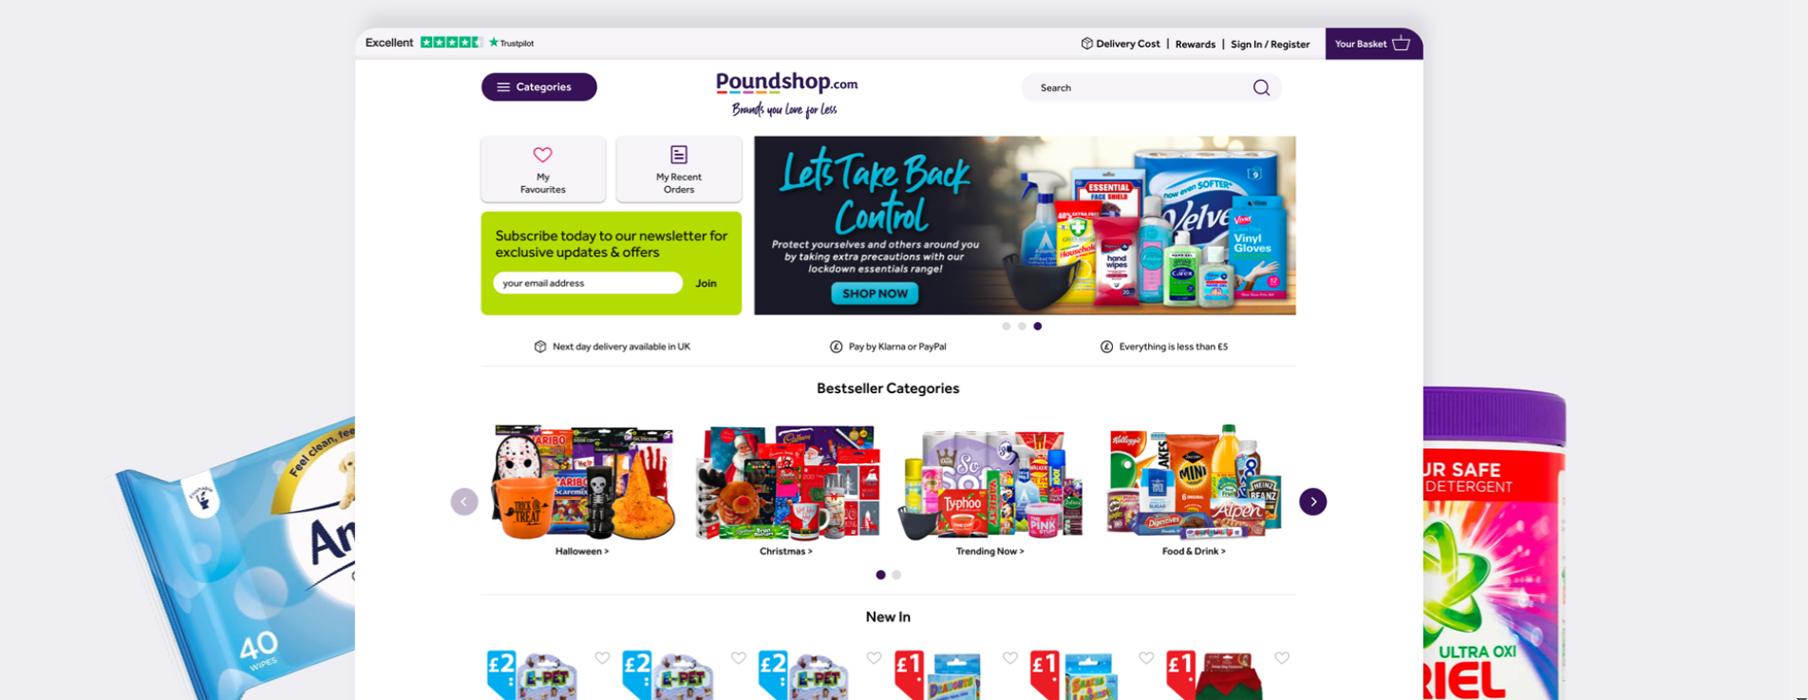 Poundshop.com